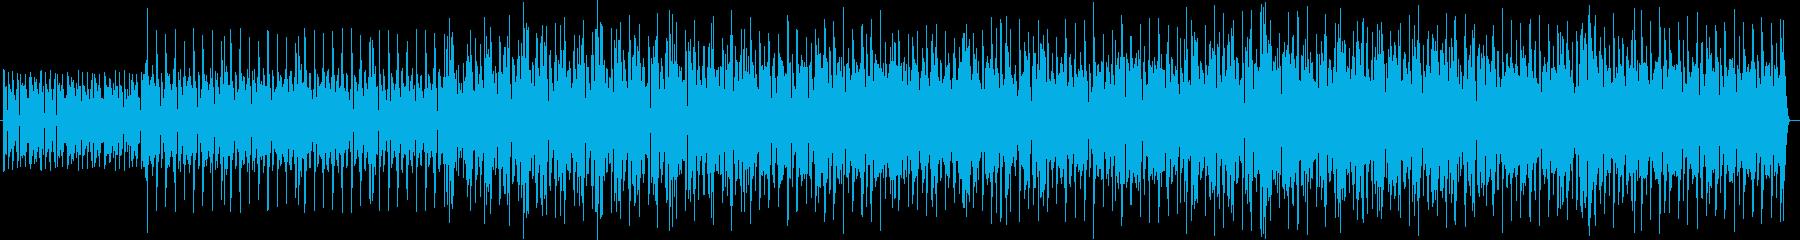 何かにチャレンジするときのBGMの再生済みの波形